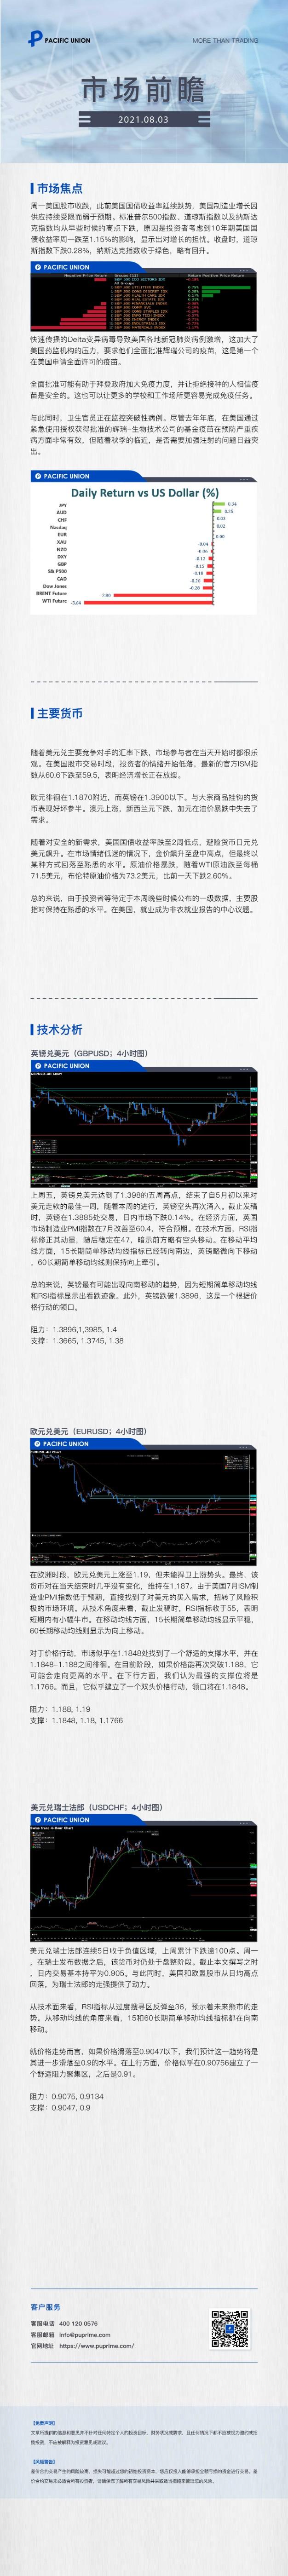 0803 CHN Ver.jpg